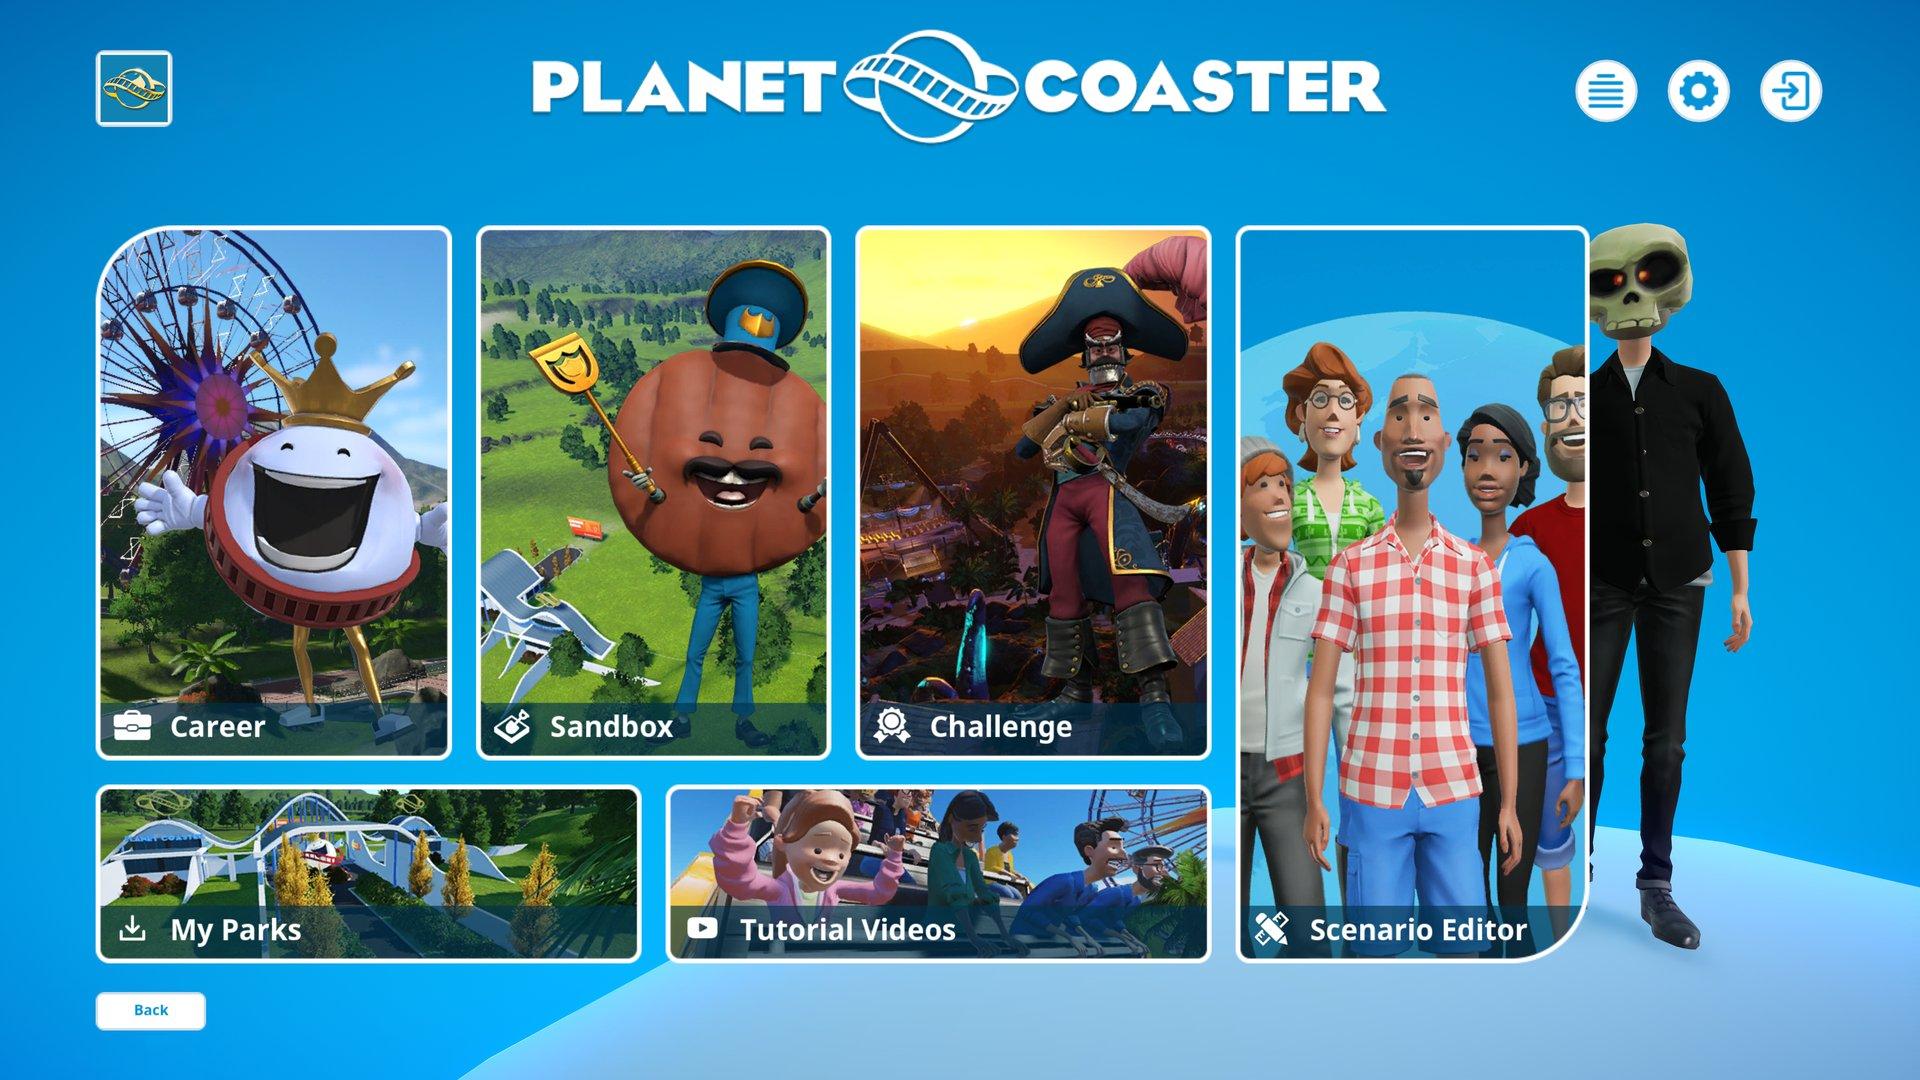 planet coaster scenario editor